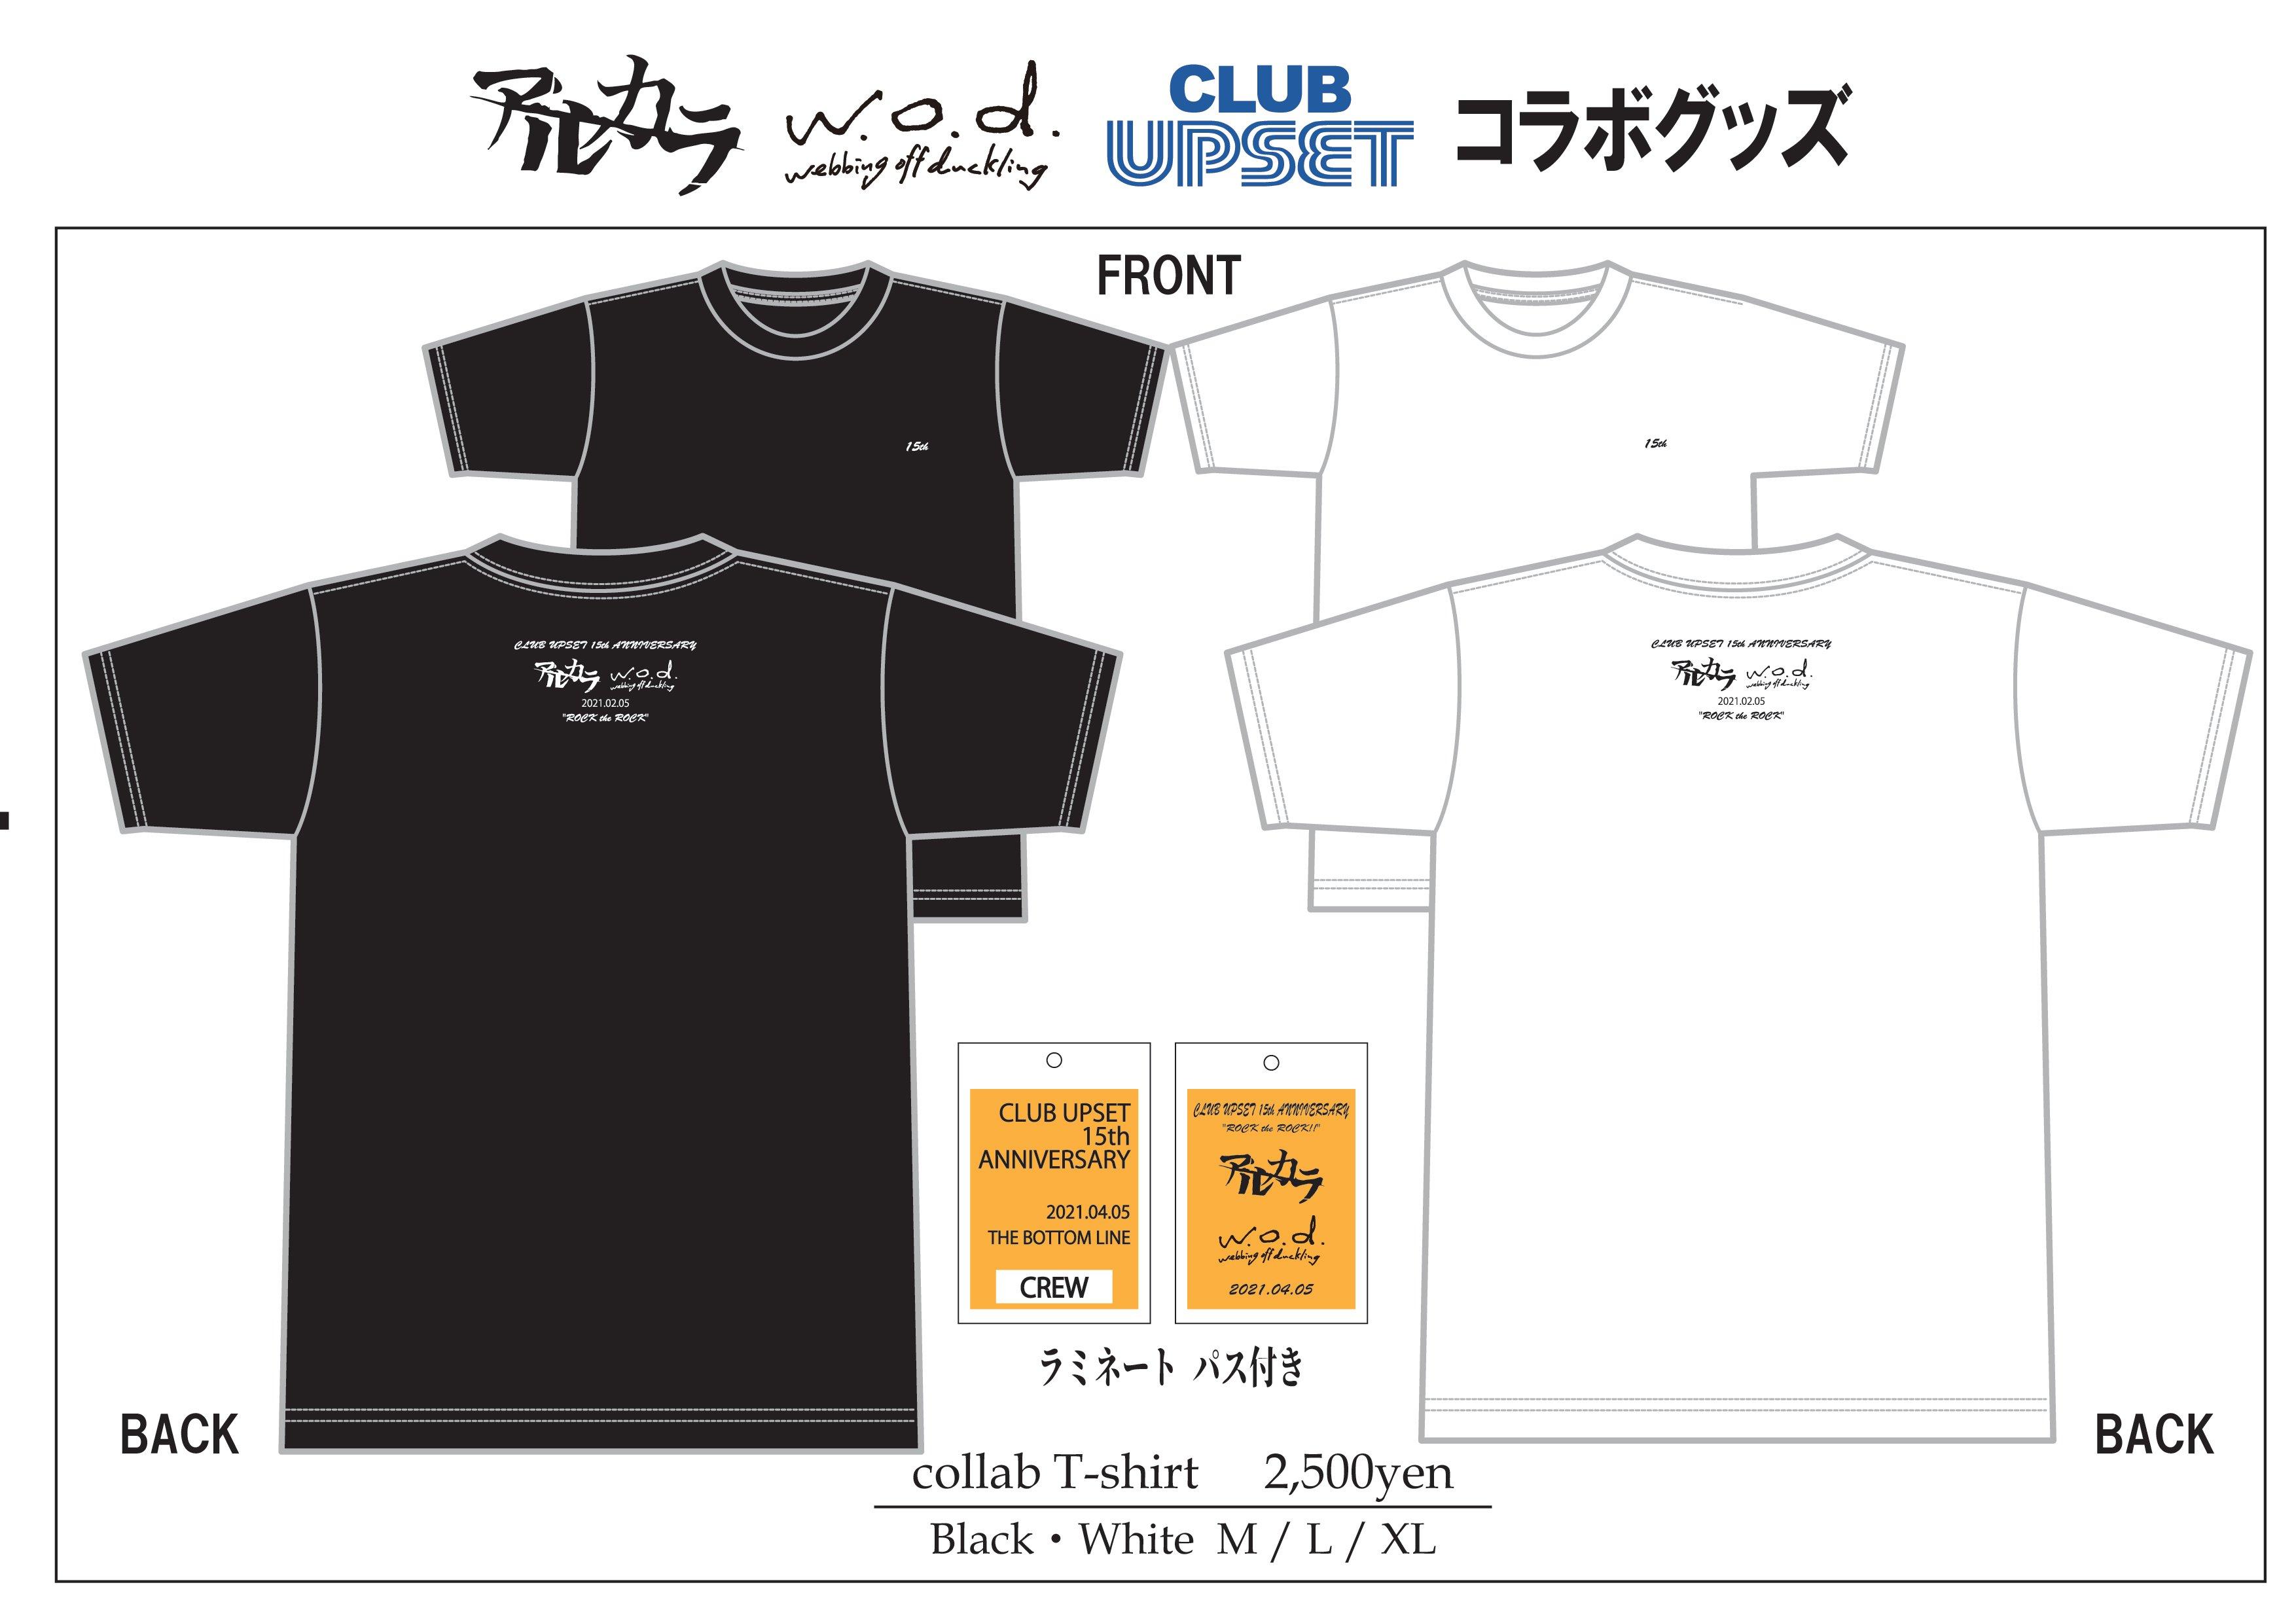 アルカラ+w.o.d.コラボグッズ Tシャツ.ブラック or ホワイトの画像